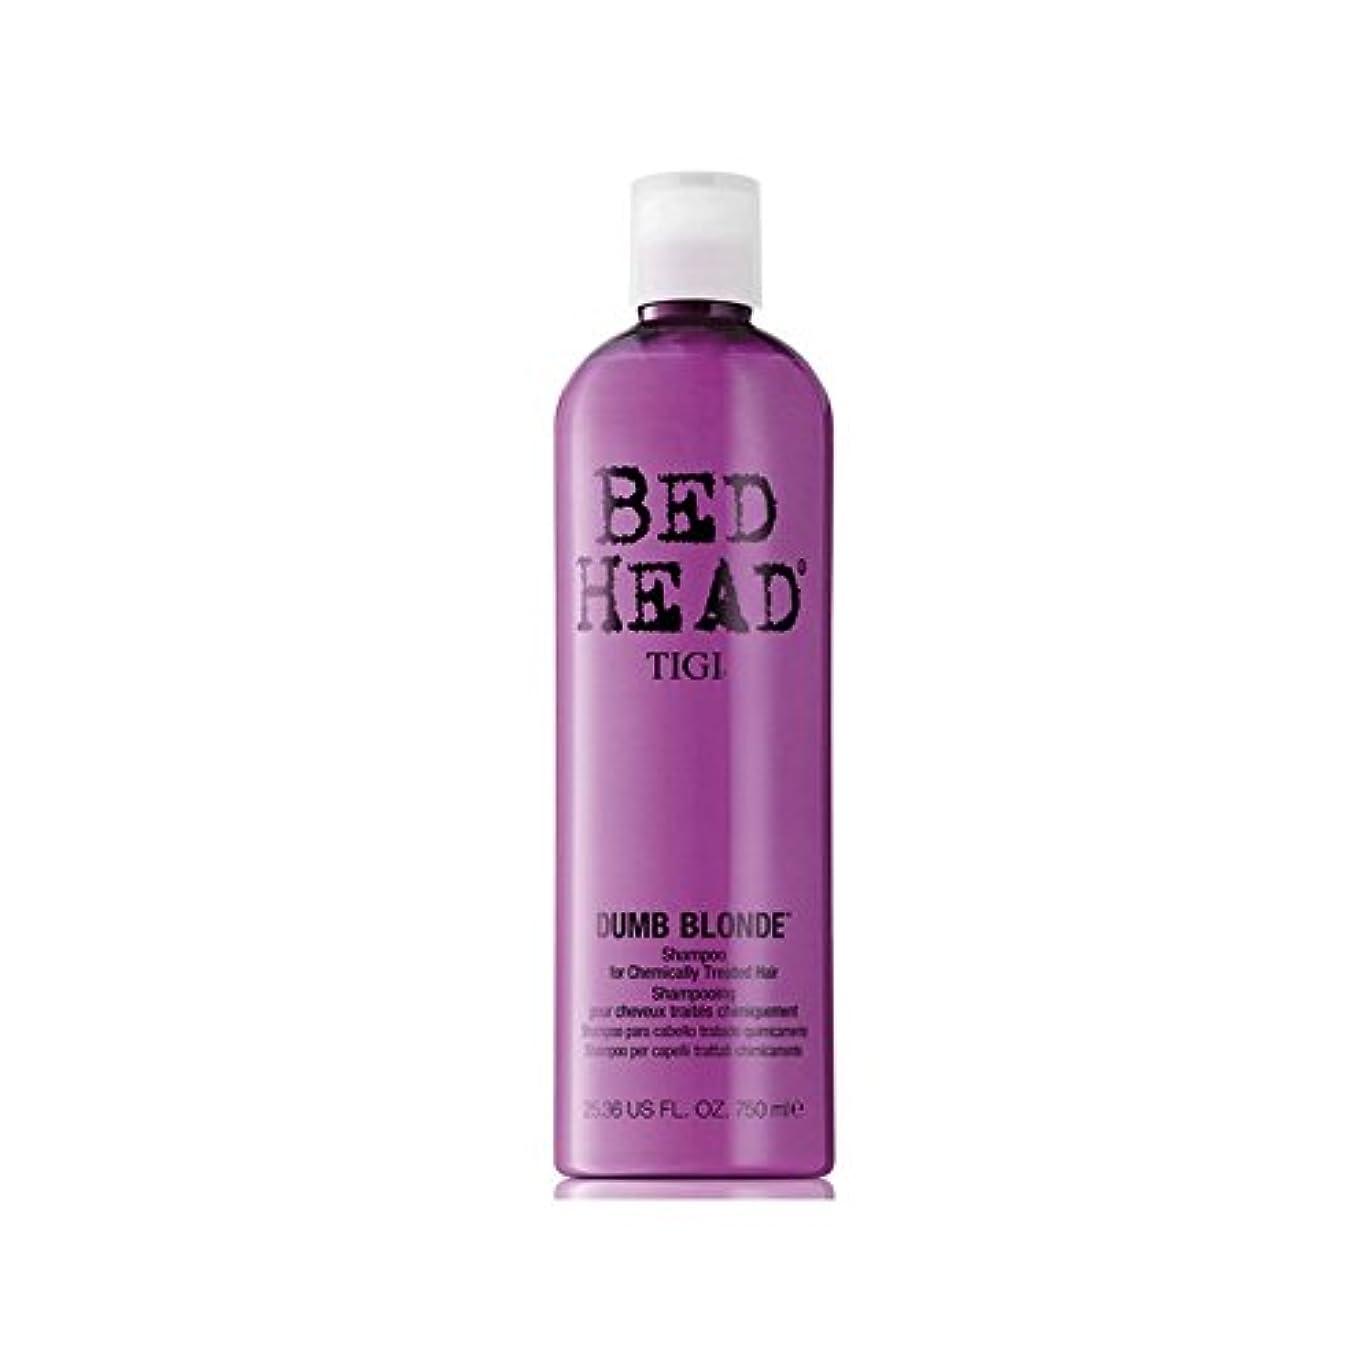 移動適応的ジェーンオースティンティジーベッドヘッドダムブロンドシャンプー(750ミリリットル) x2 - Tigi Bed Head Dumb Blonde Shampoo (750ml) (Pack of 2) [並行輸入品]